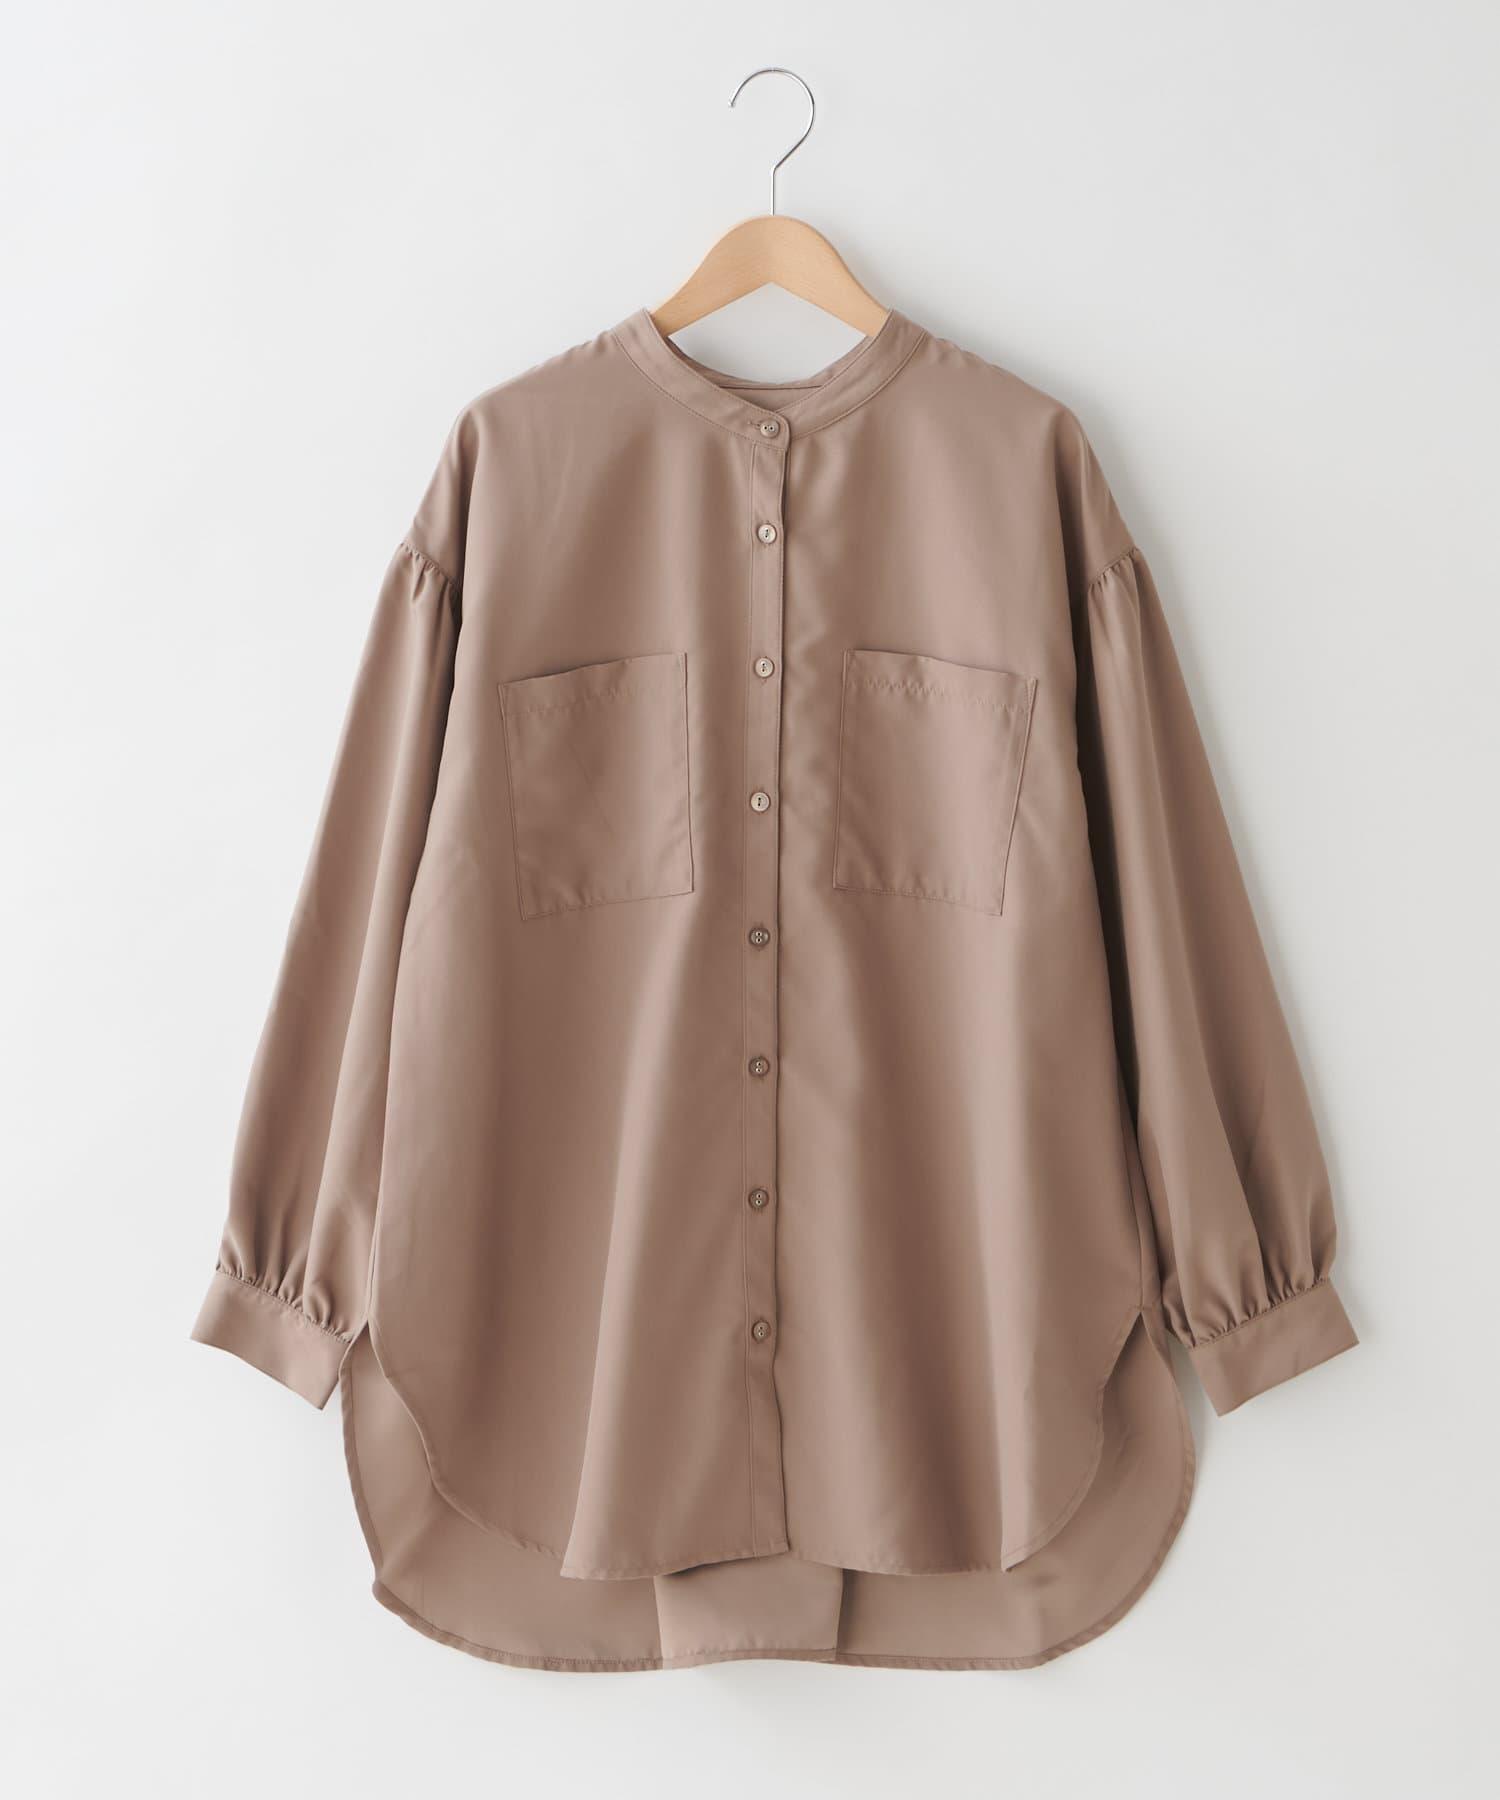 OLIVE des OLIVE OUTLET(オリーブ・デ・オリーブ アウトレット) フェークスエードBACKリボンバンドカラーシャツ